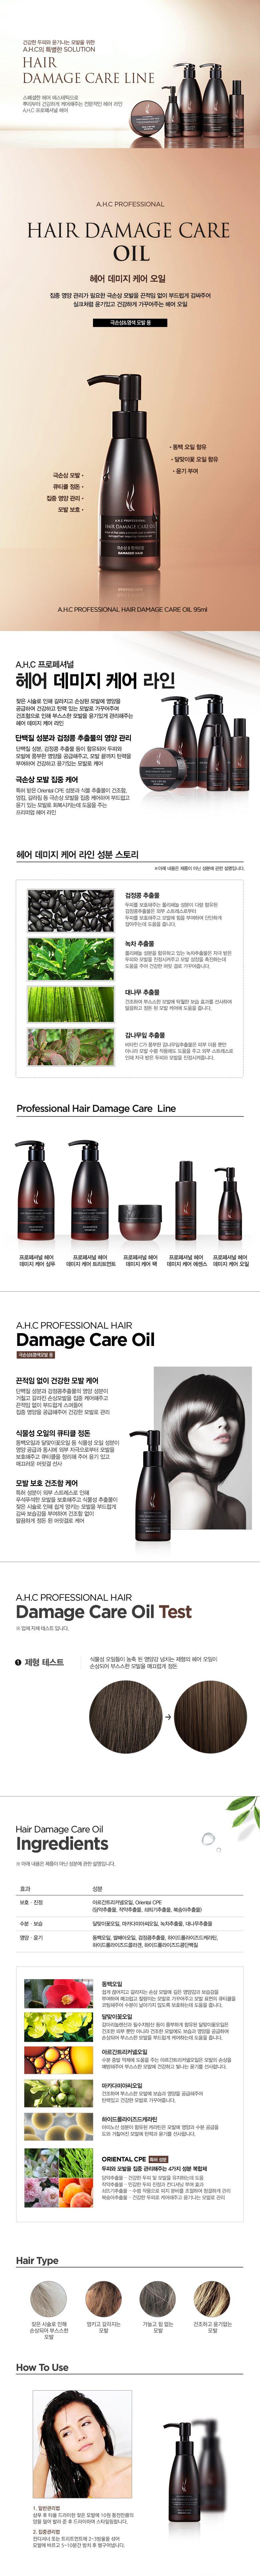 AHC Professional Hair Damage Care Oil 95ml malaysia singapore indonesia